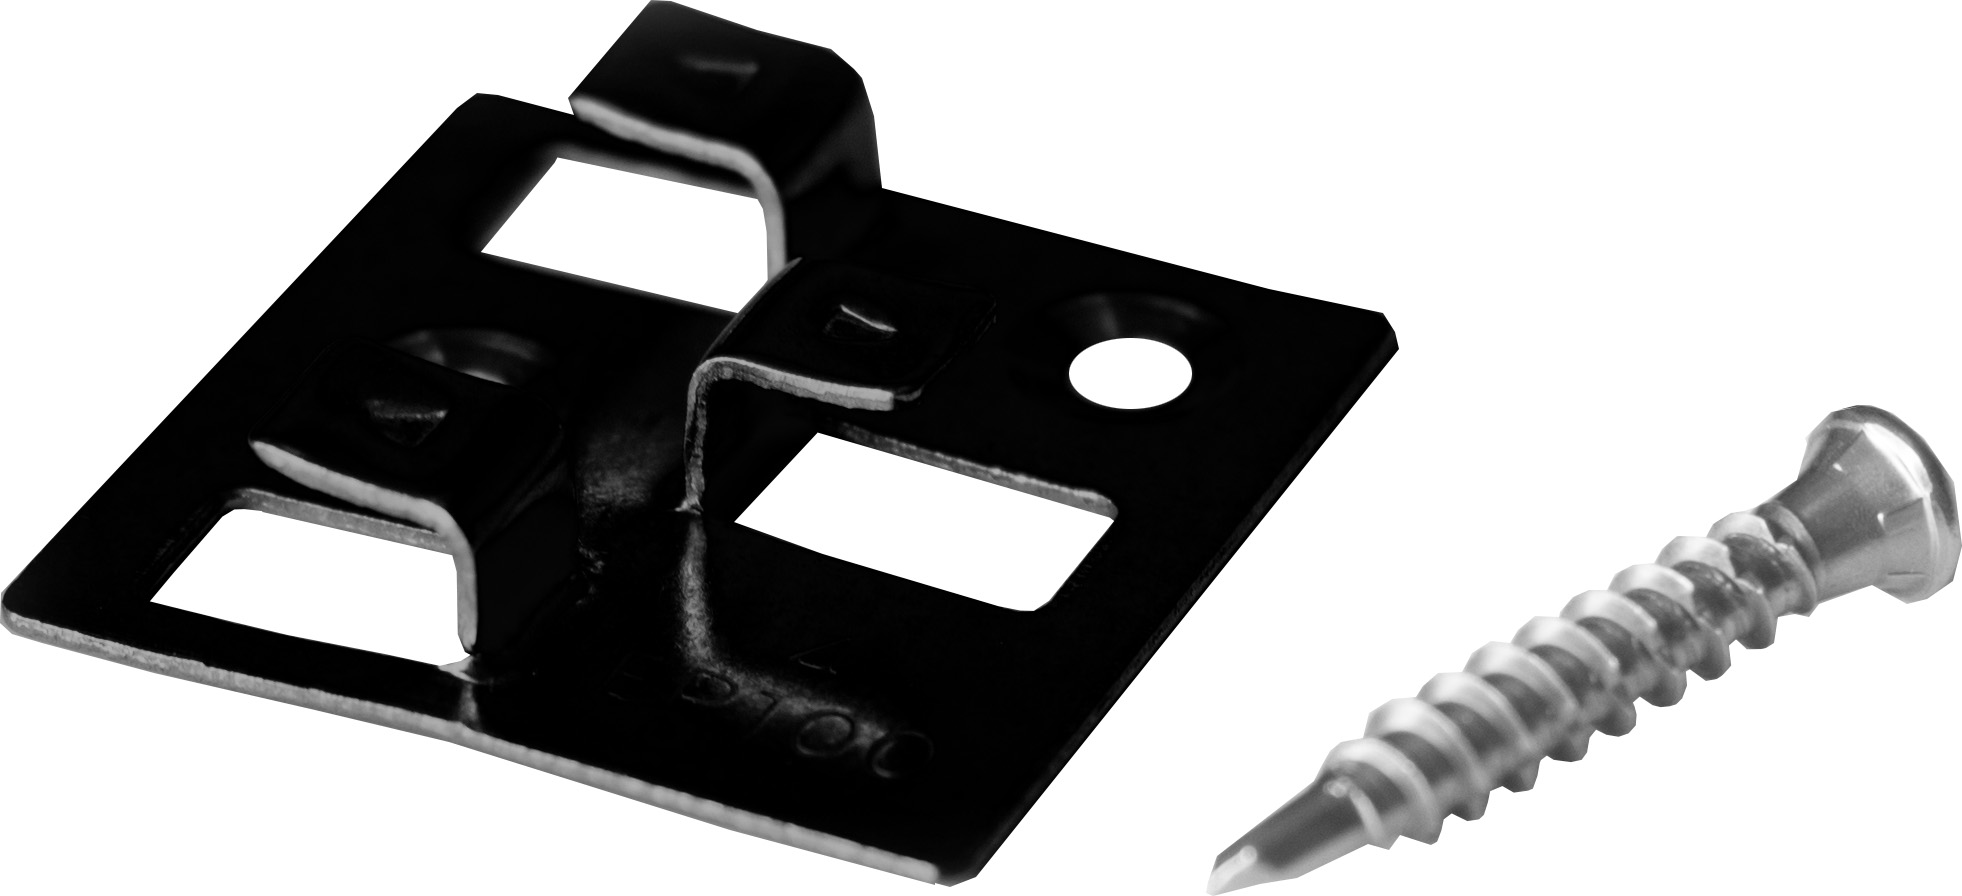 100 MEFO WPC Montage Clips mit 4 mm Fuge aus Edelstahl schwarz, inkl. selbstbohrenden Schrauben, Befestigungsmaterial reicht für ca. 35 lfm bzw. 5 m²